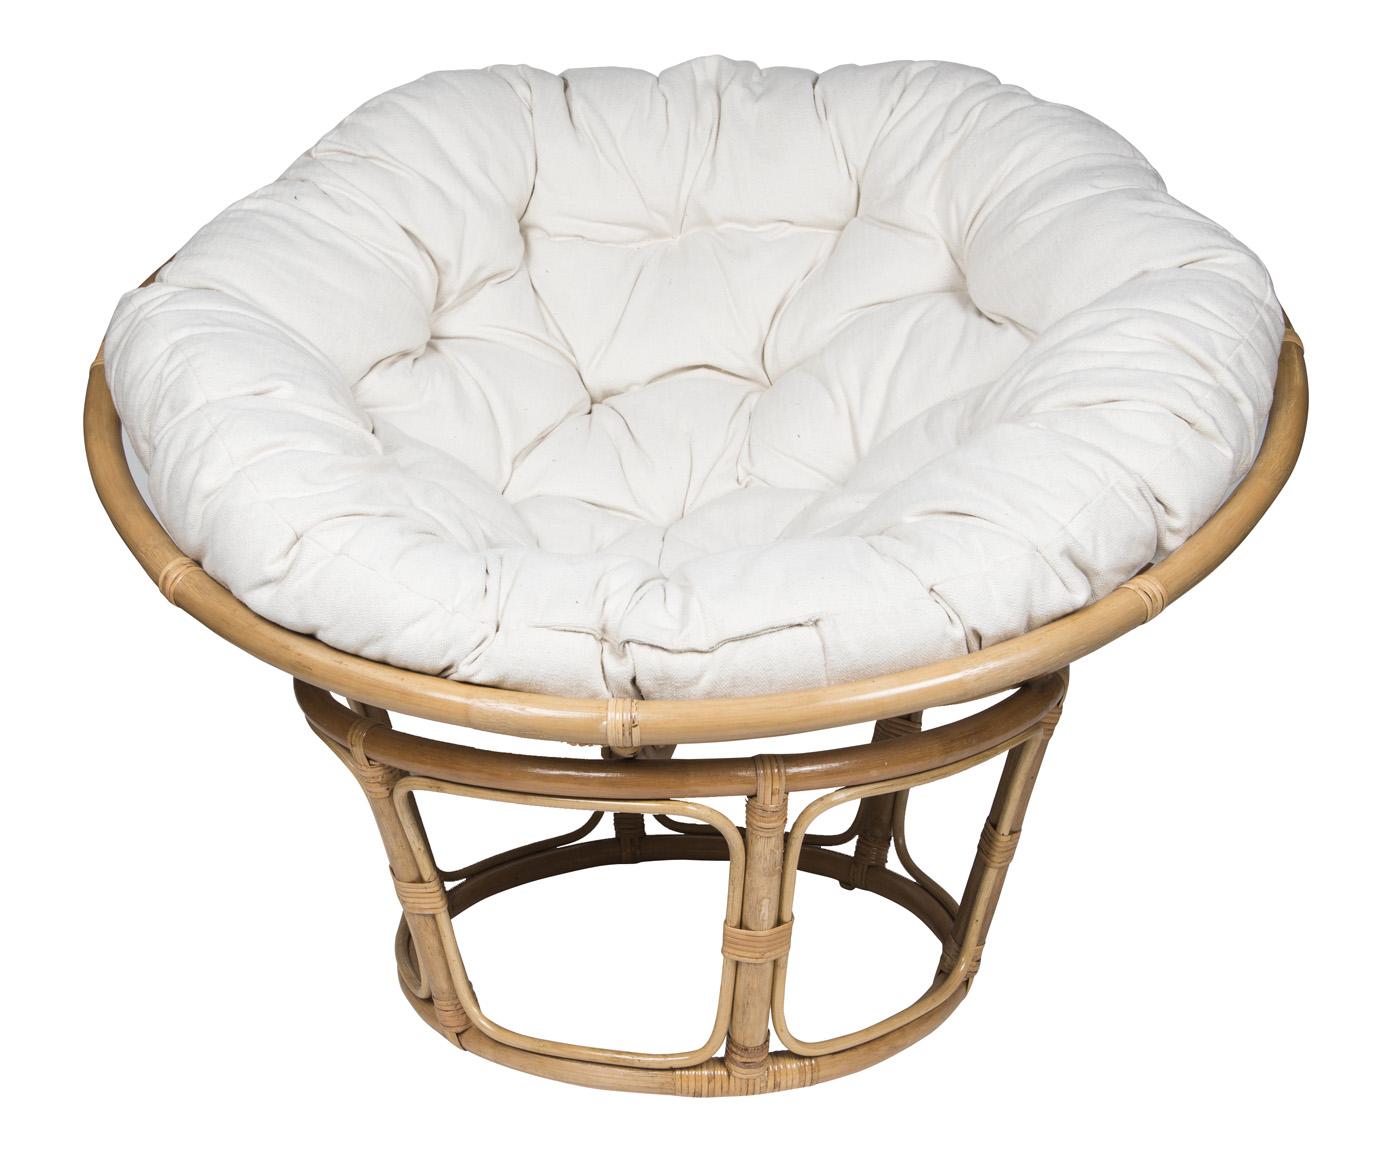 fauteuil relaxation boule rotin Résultat Supérieur 50 Luxe Fauteuil En Rotin Photographie 2017 Sjd8